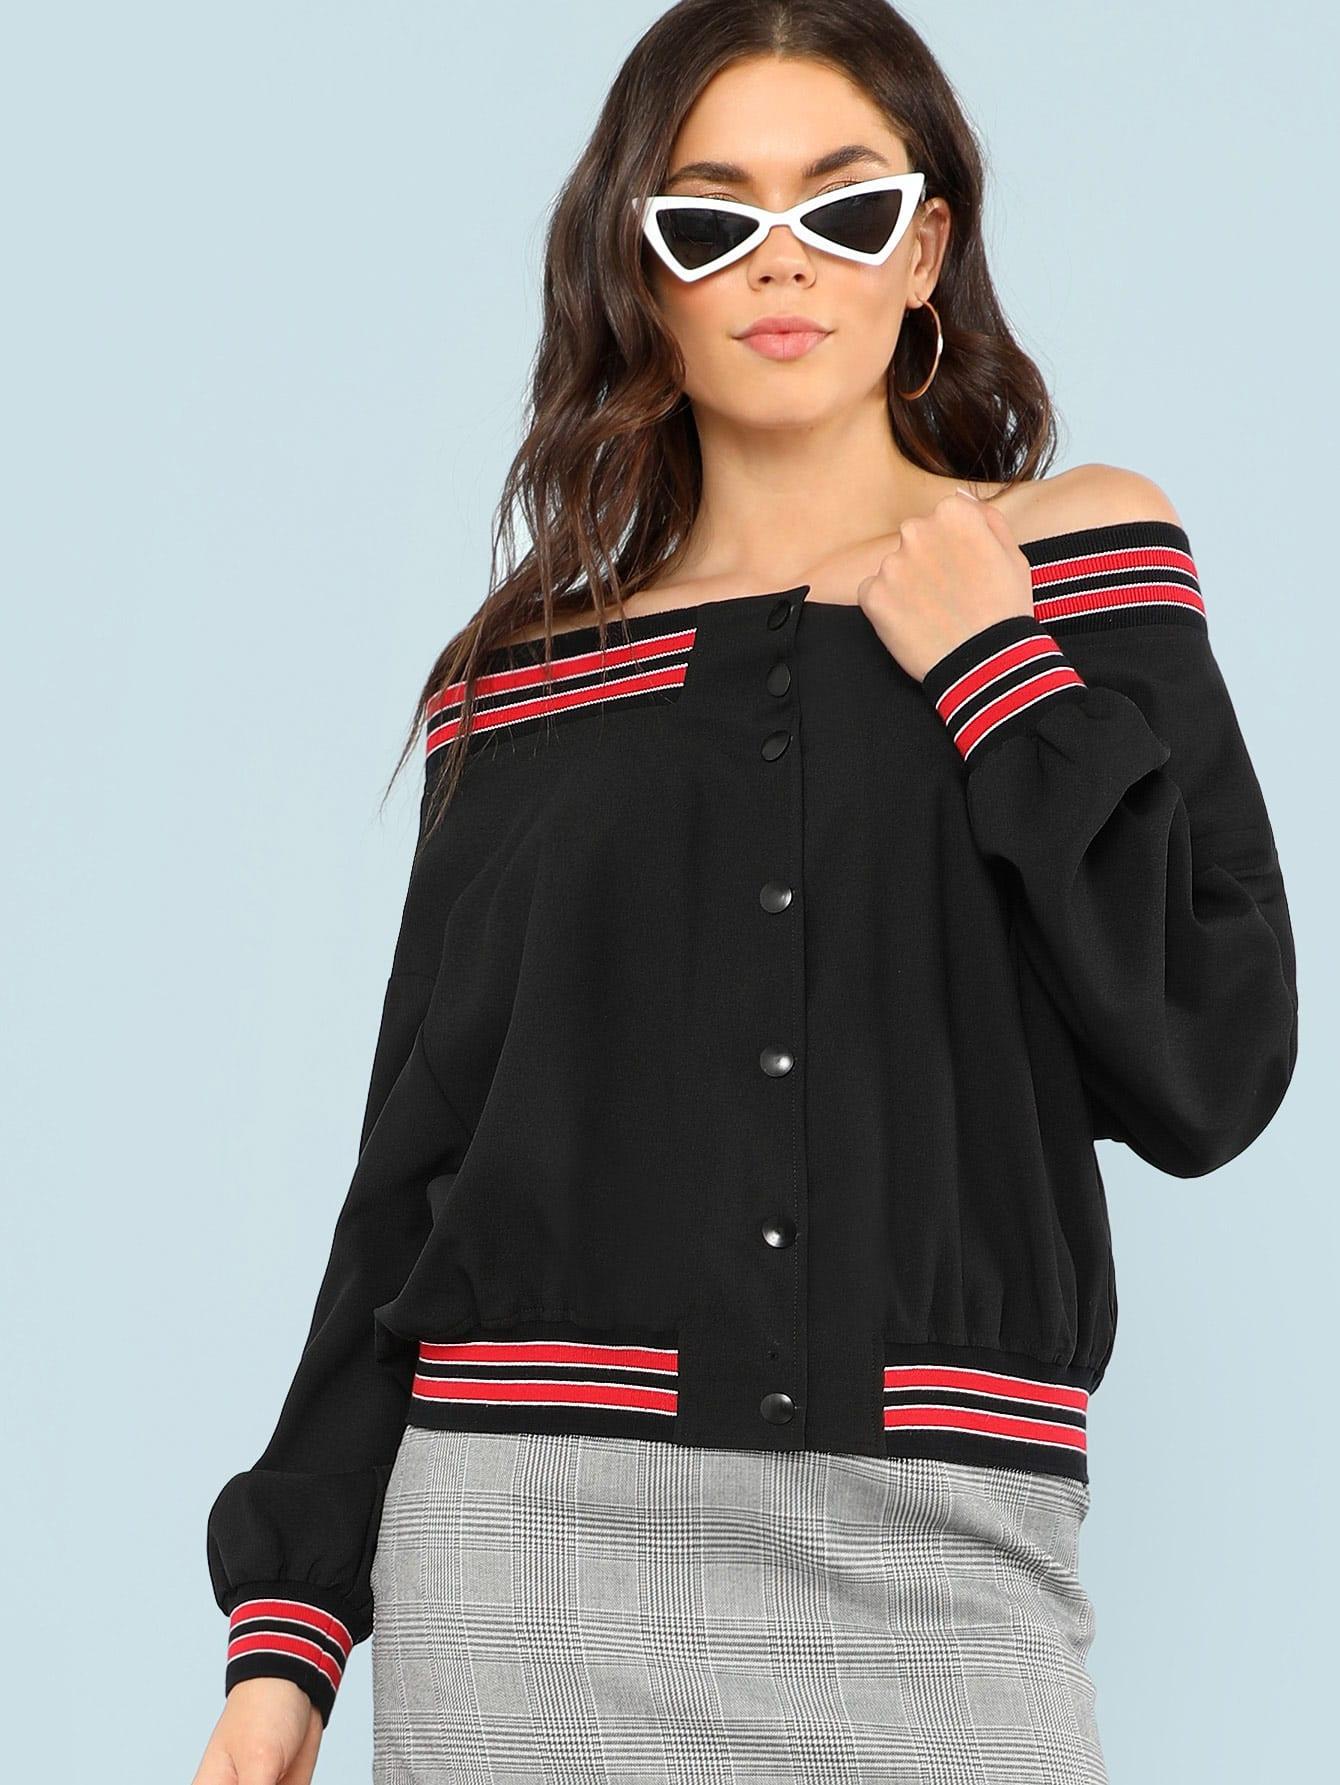 Striped Trim Button Up Off Shoulder Jacket striped trim zipper up bomber jacket